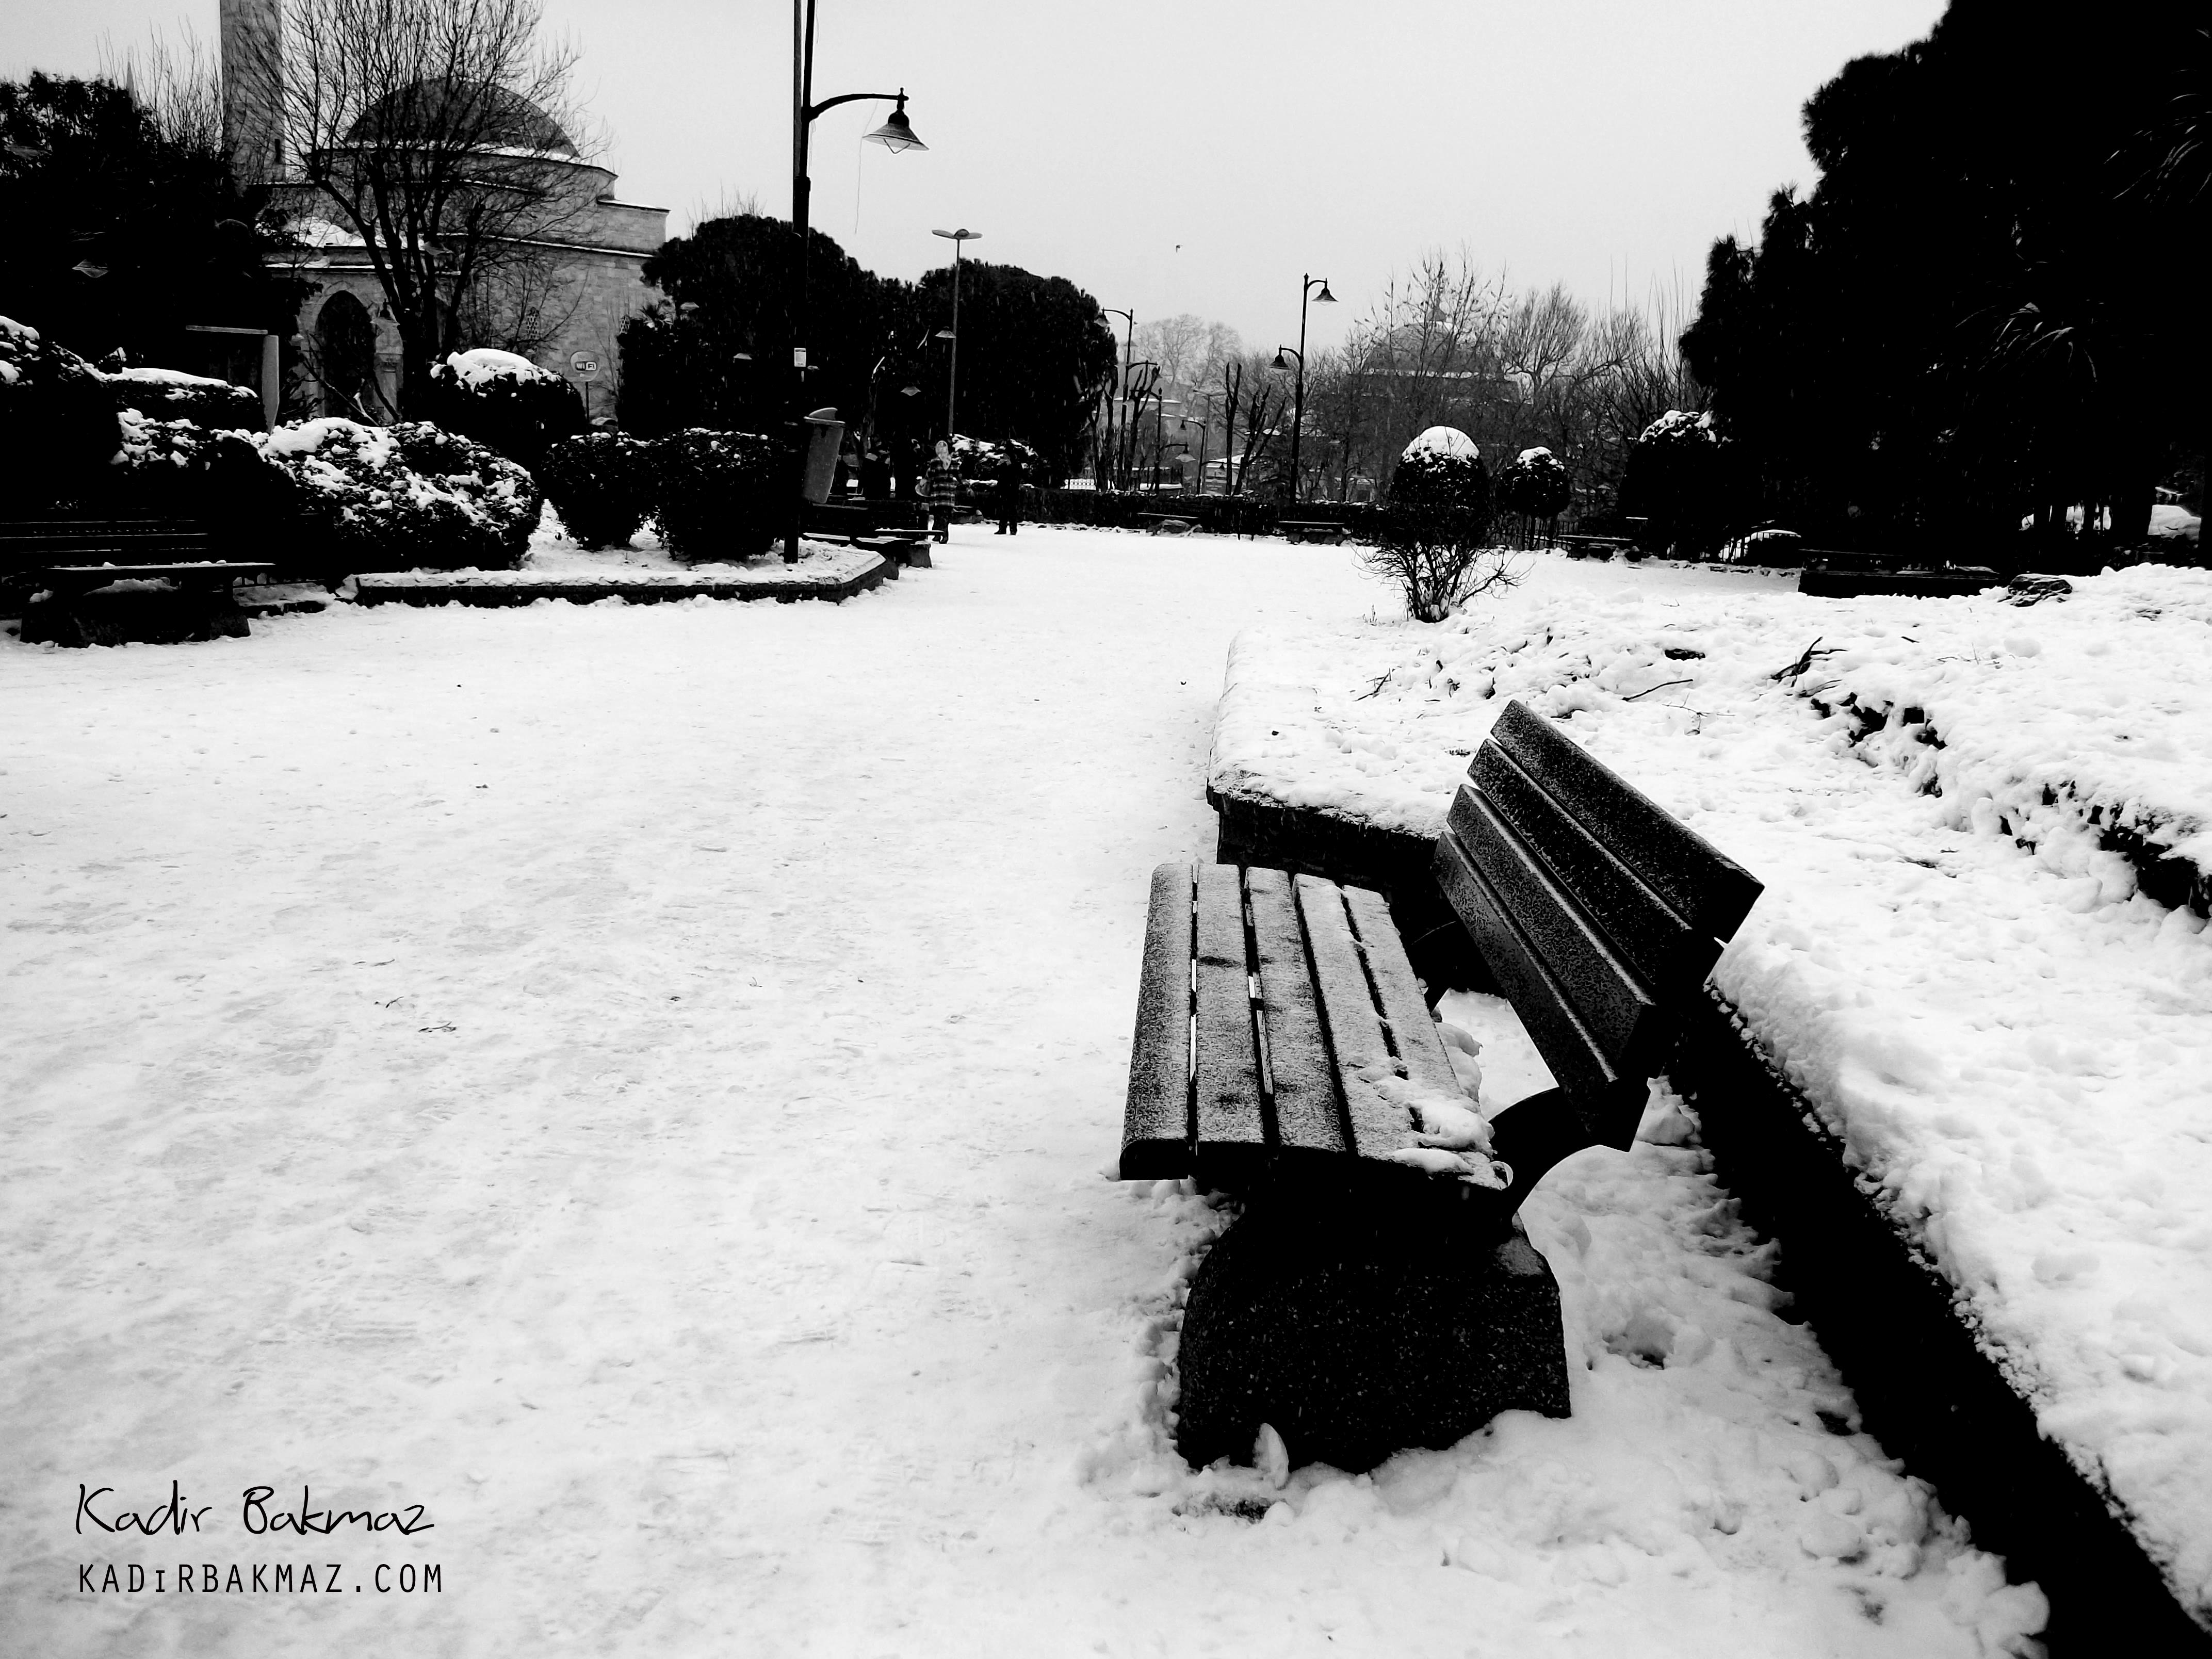 sultanahmet kış resimleri